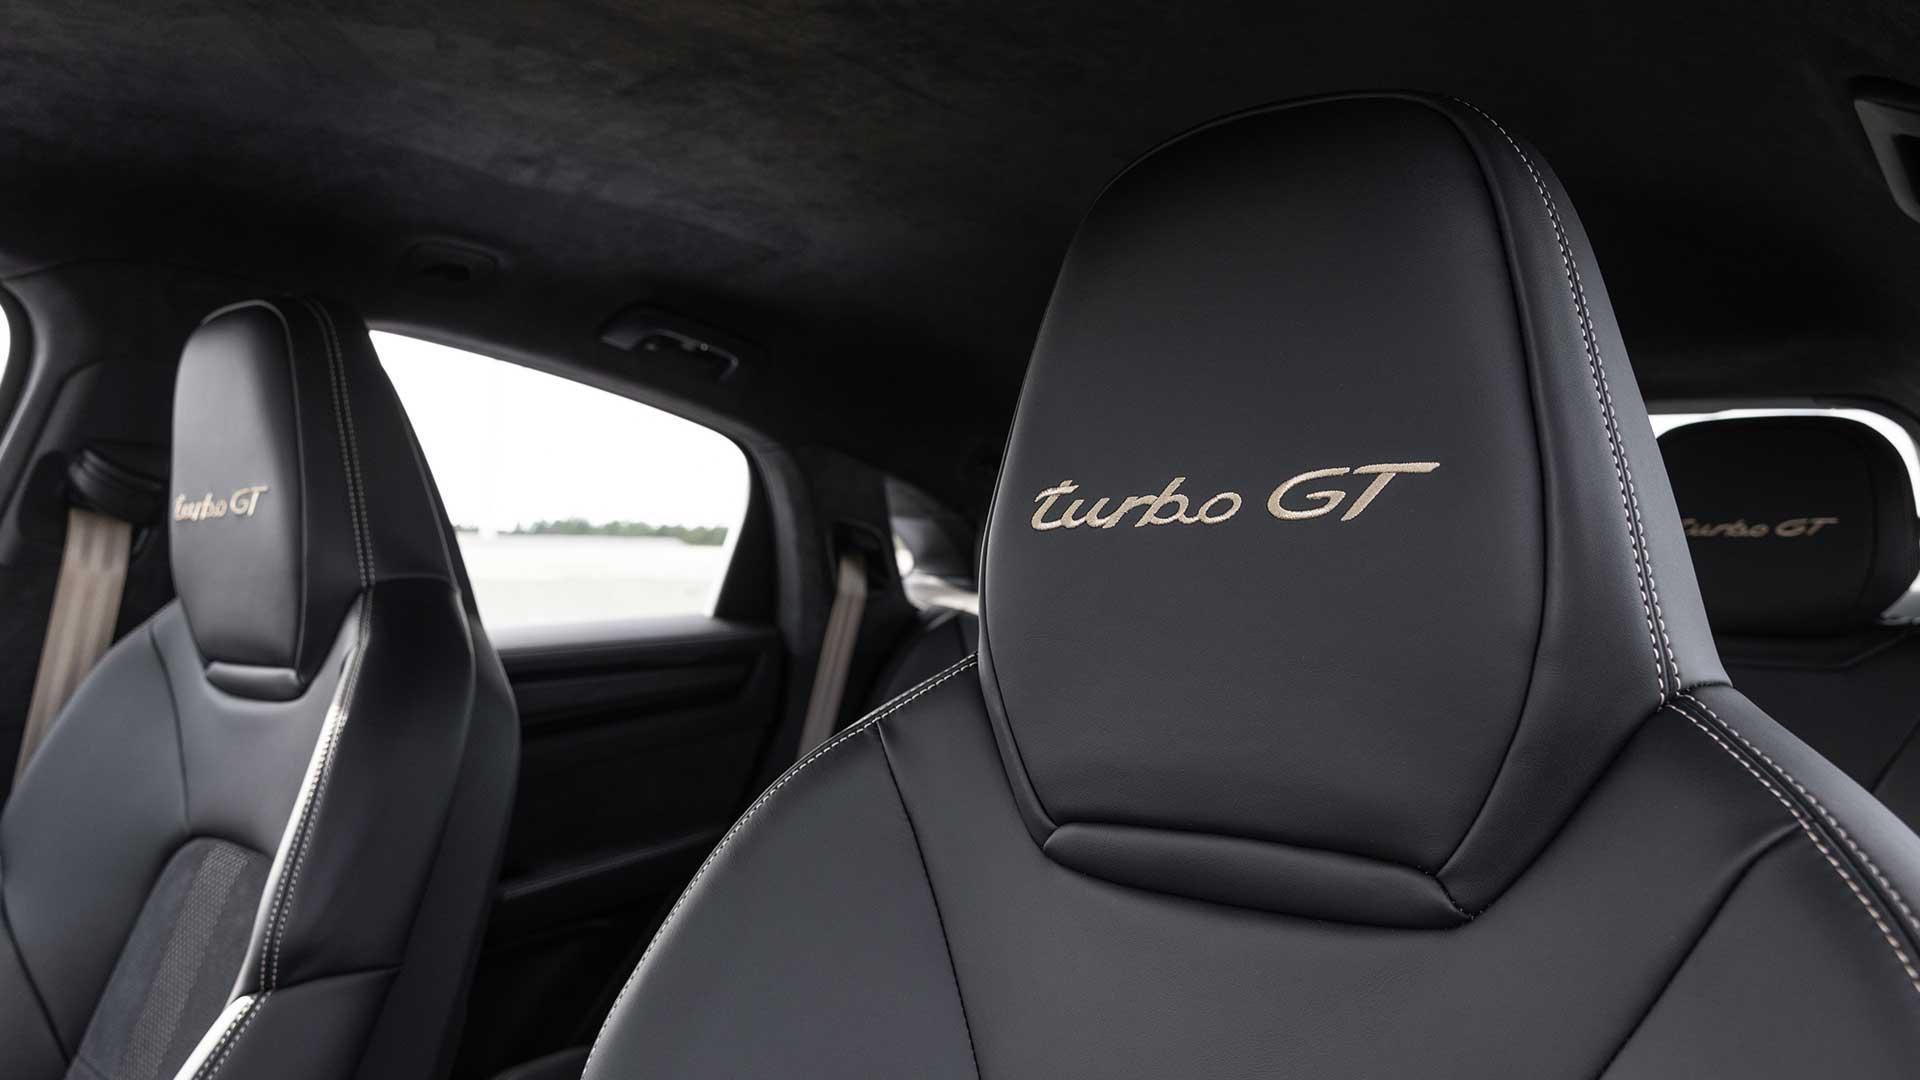 Hoofdsteunen Porsche Cayenne Turbo GT